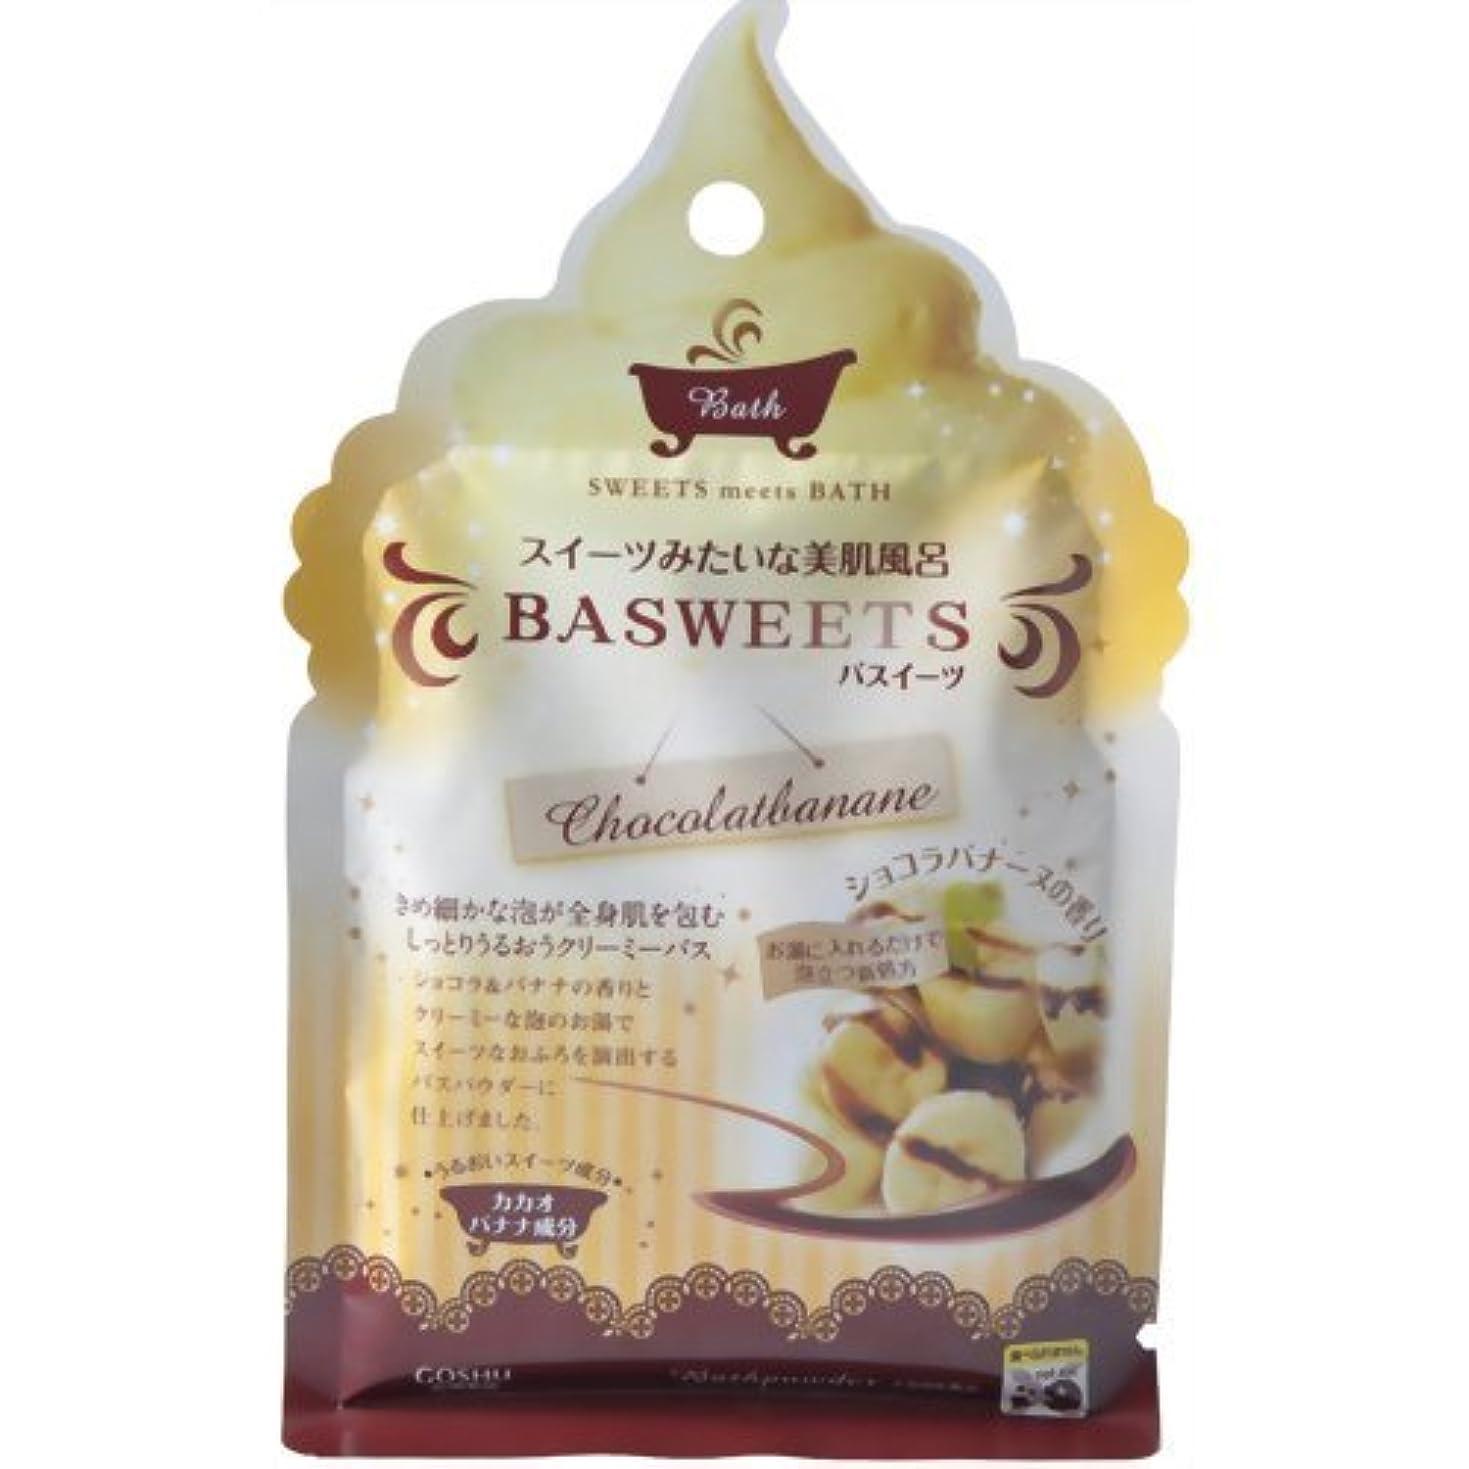 メロディー破壊インスタンスバスイーツ ショコラバナーヌの香り 50g(入浴剤)